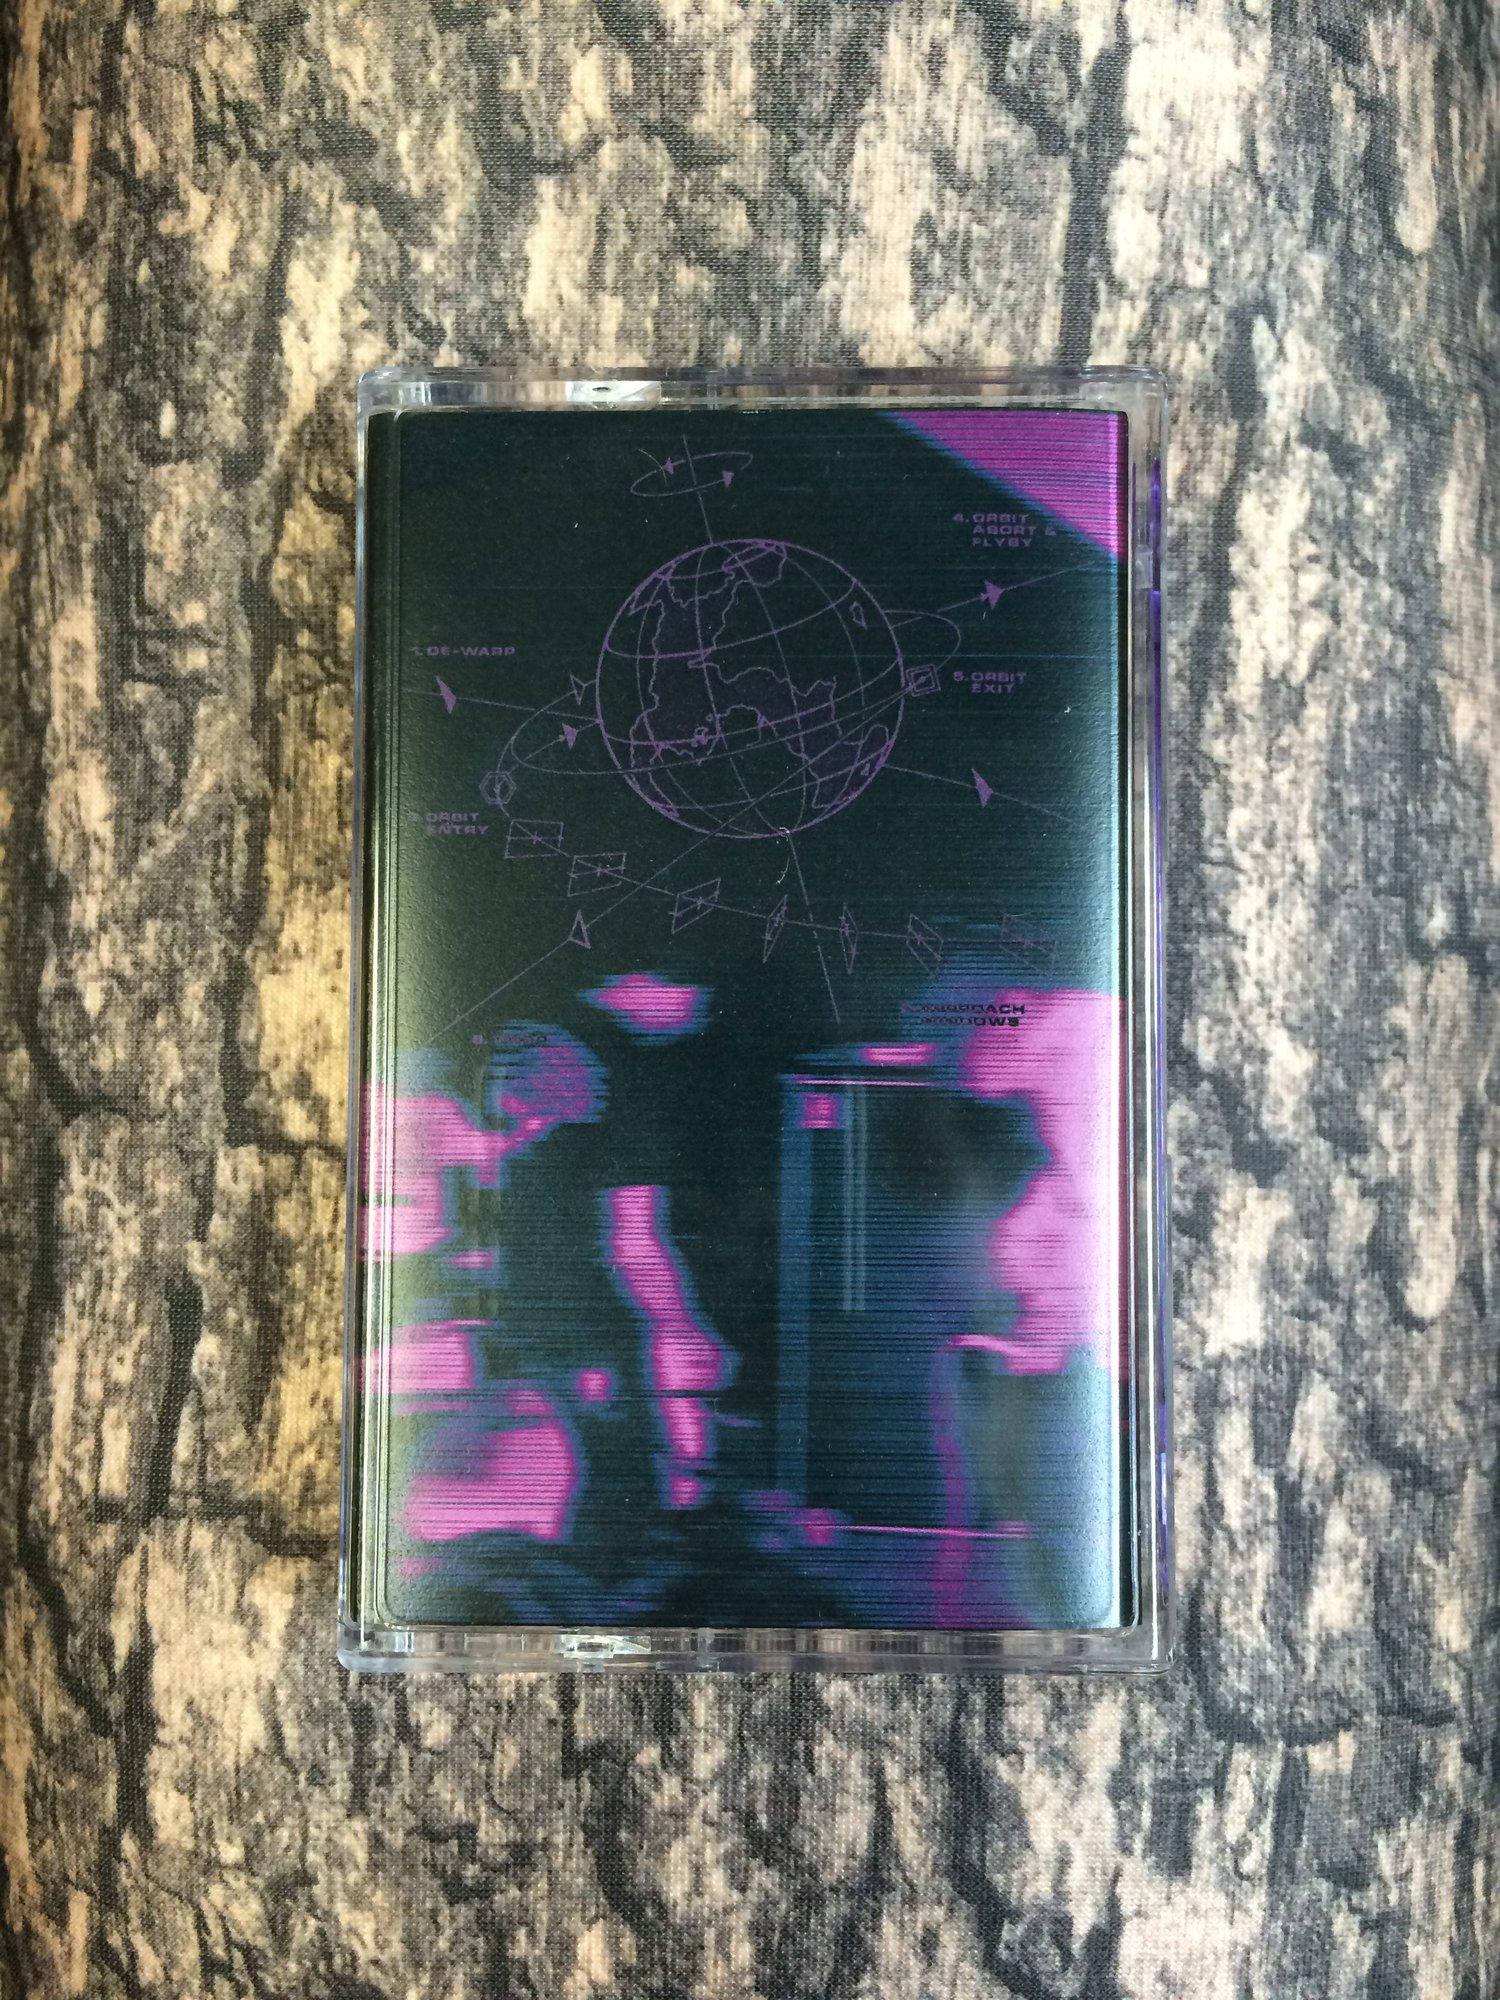 Image of Megawave - ≈ Tape